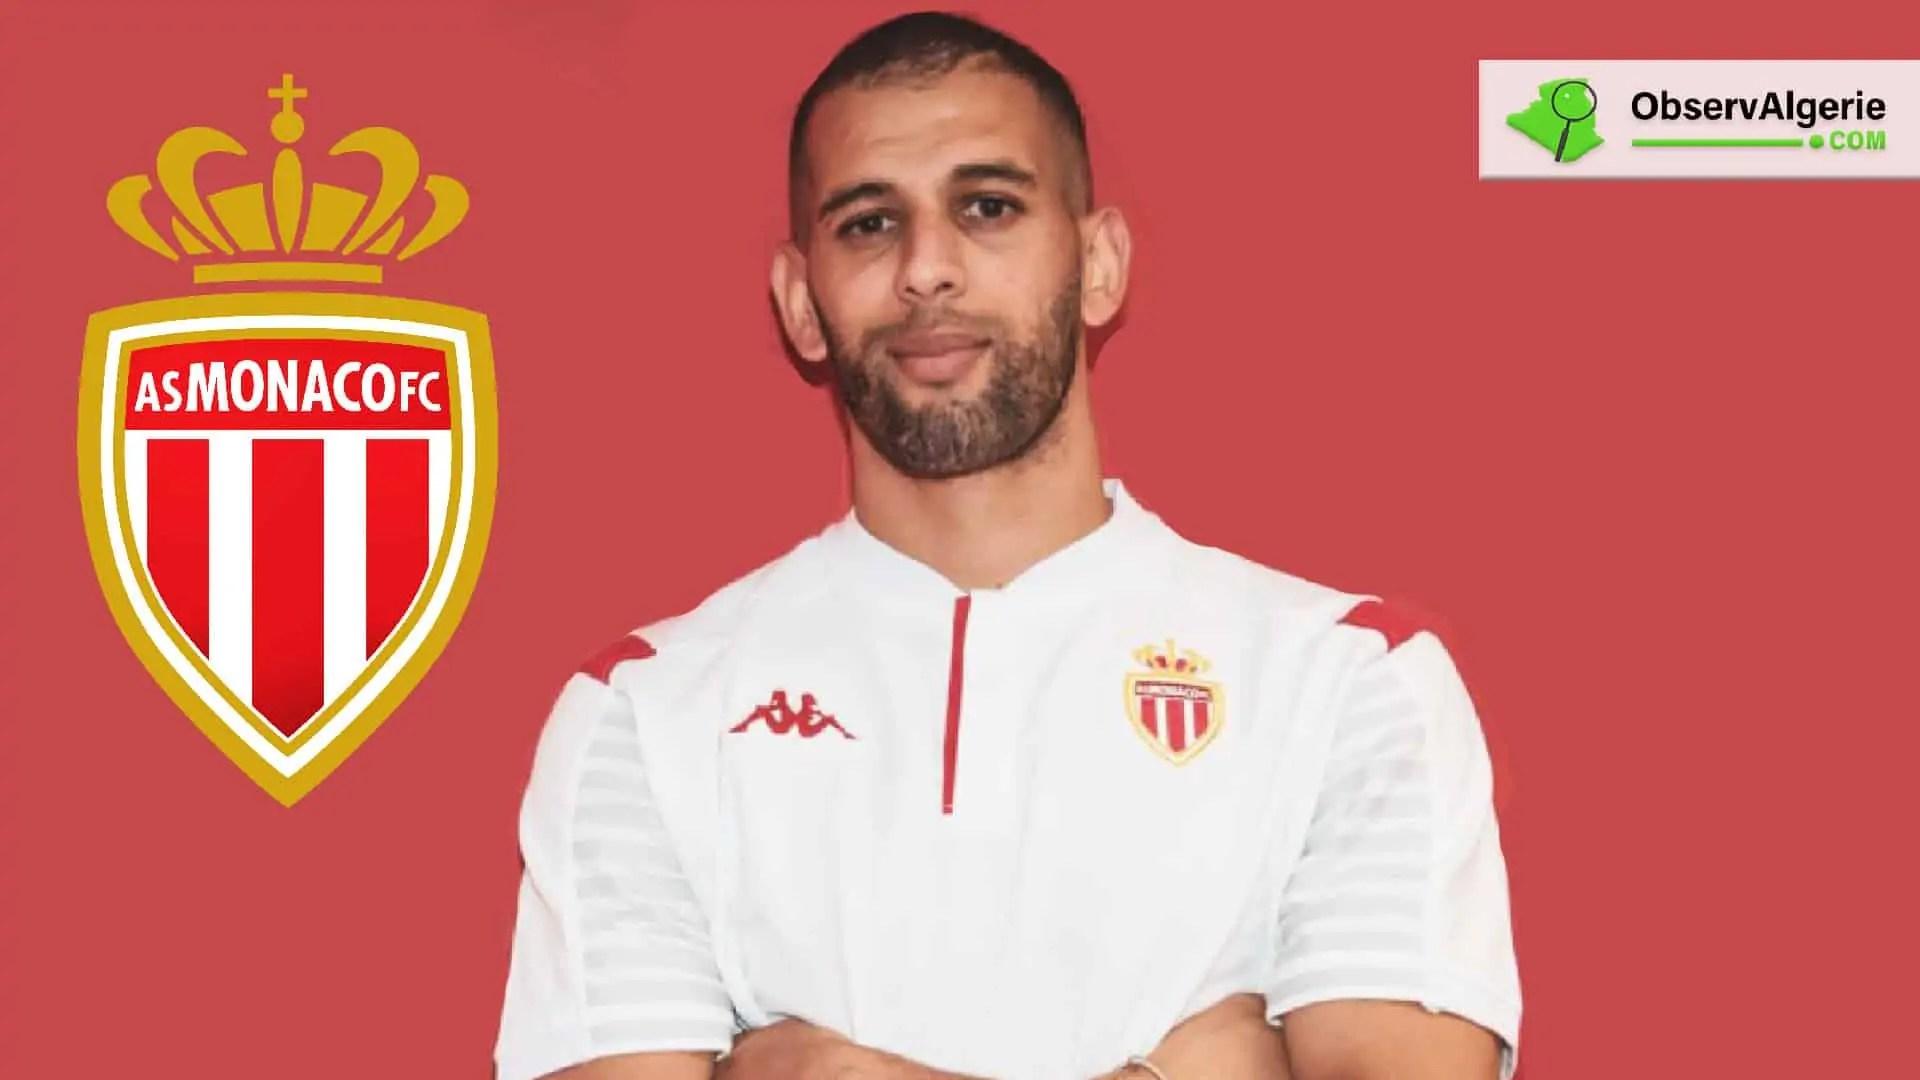 Islam Slimani marque un nouveau but et offre la victoire à l'AS Monaco (Vidéo)